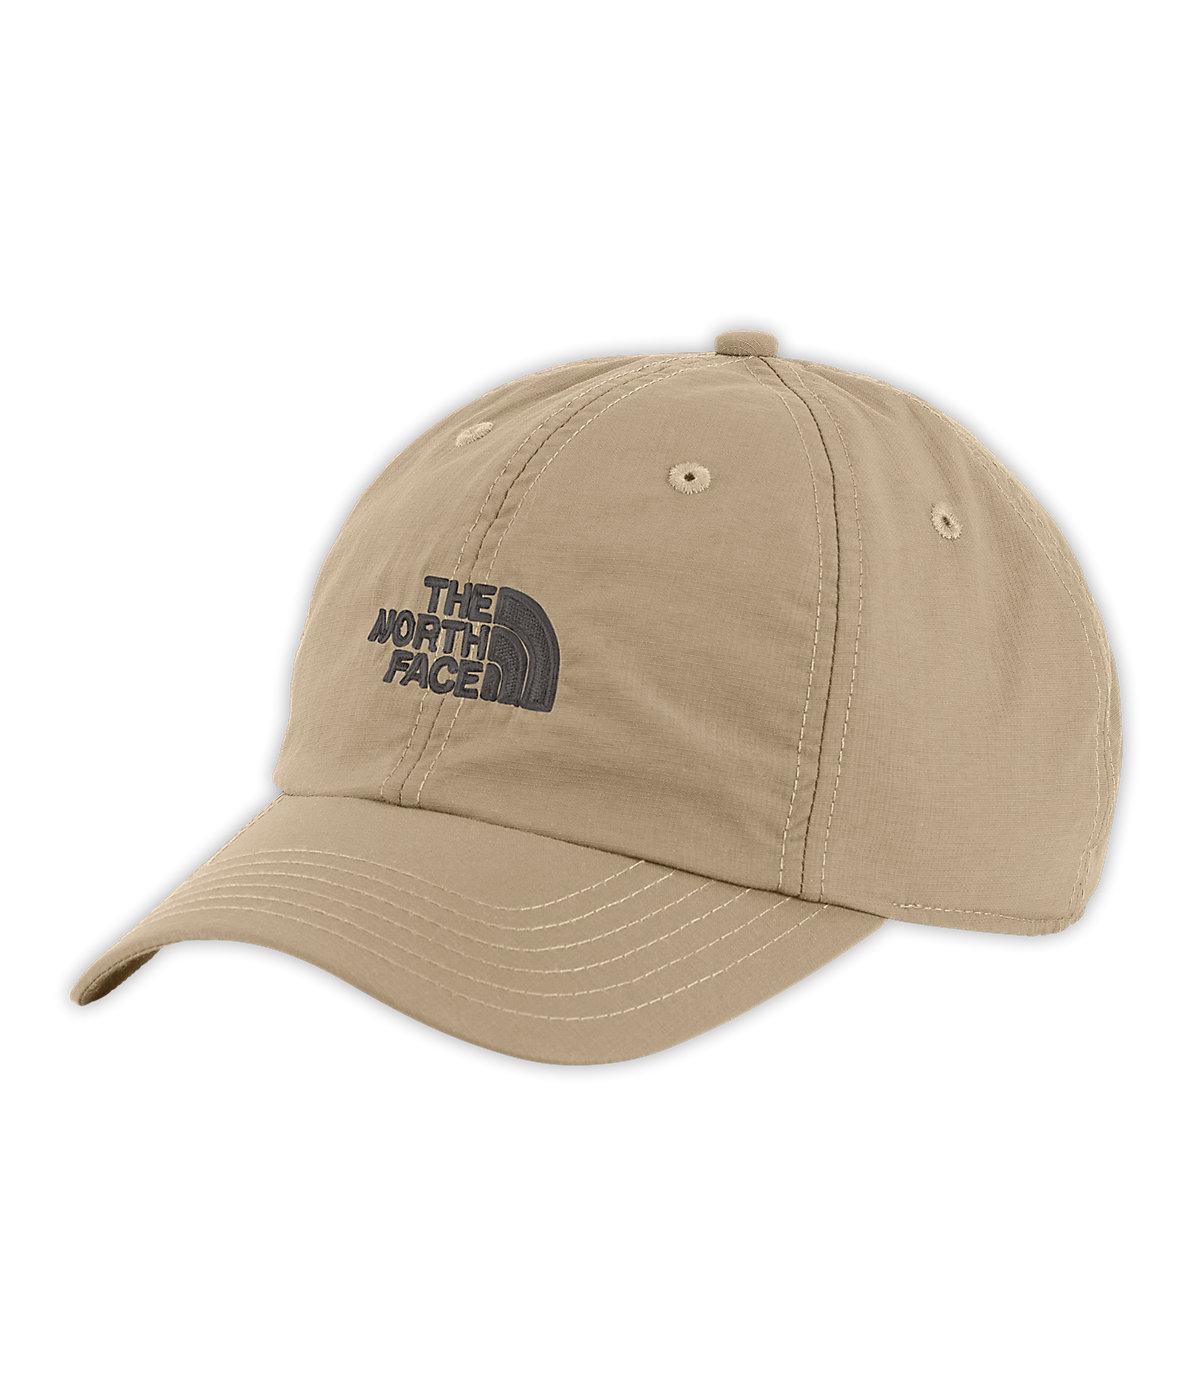 myynti maksaa viehätysvoimaa monia tyylejä The North Face - Horizon Hat - The North Face 17 : Clothing ...